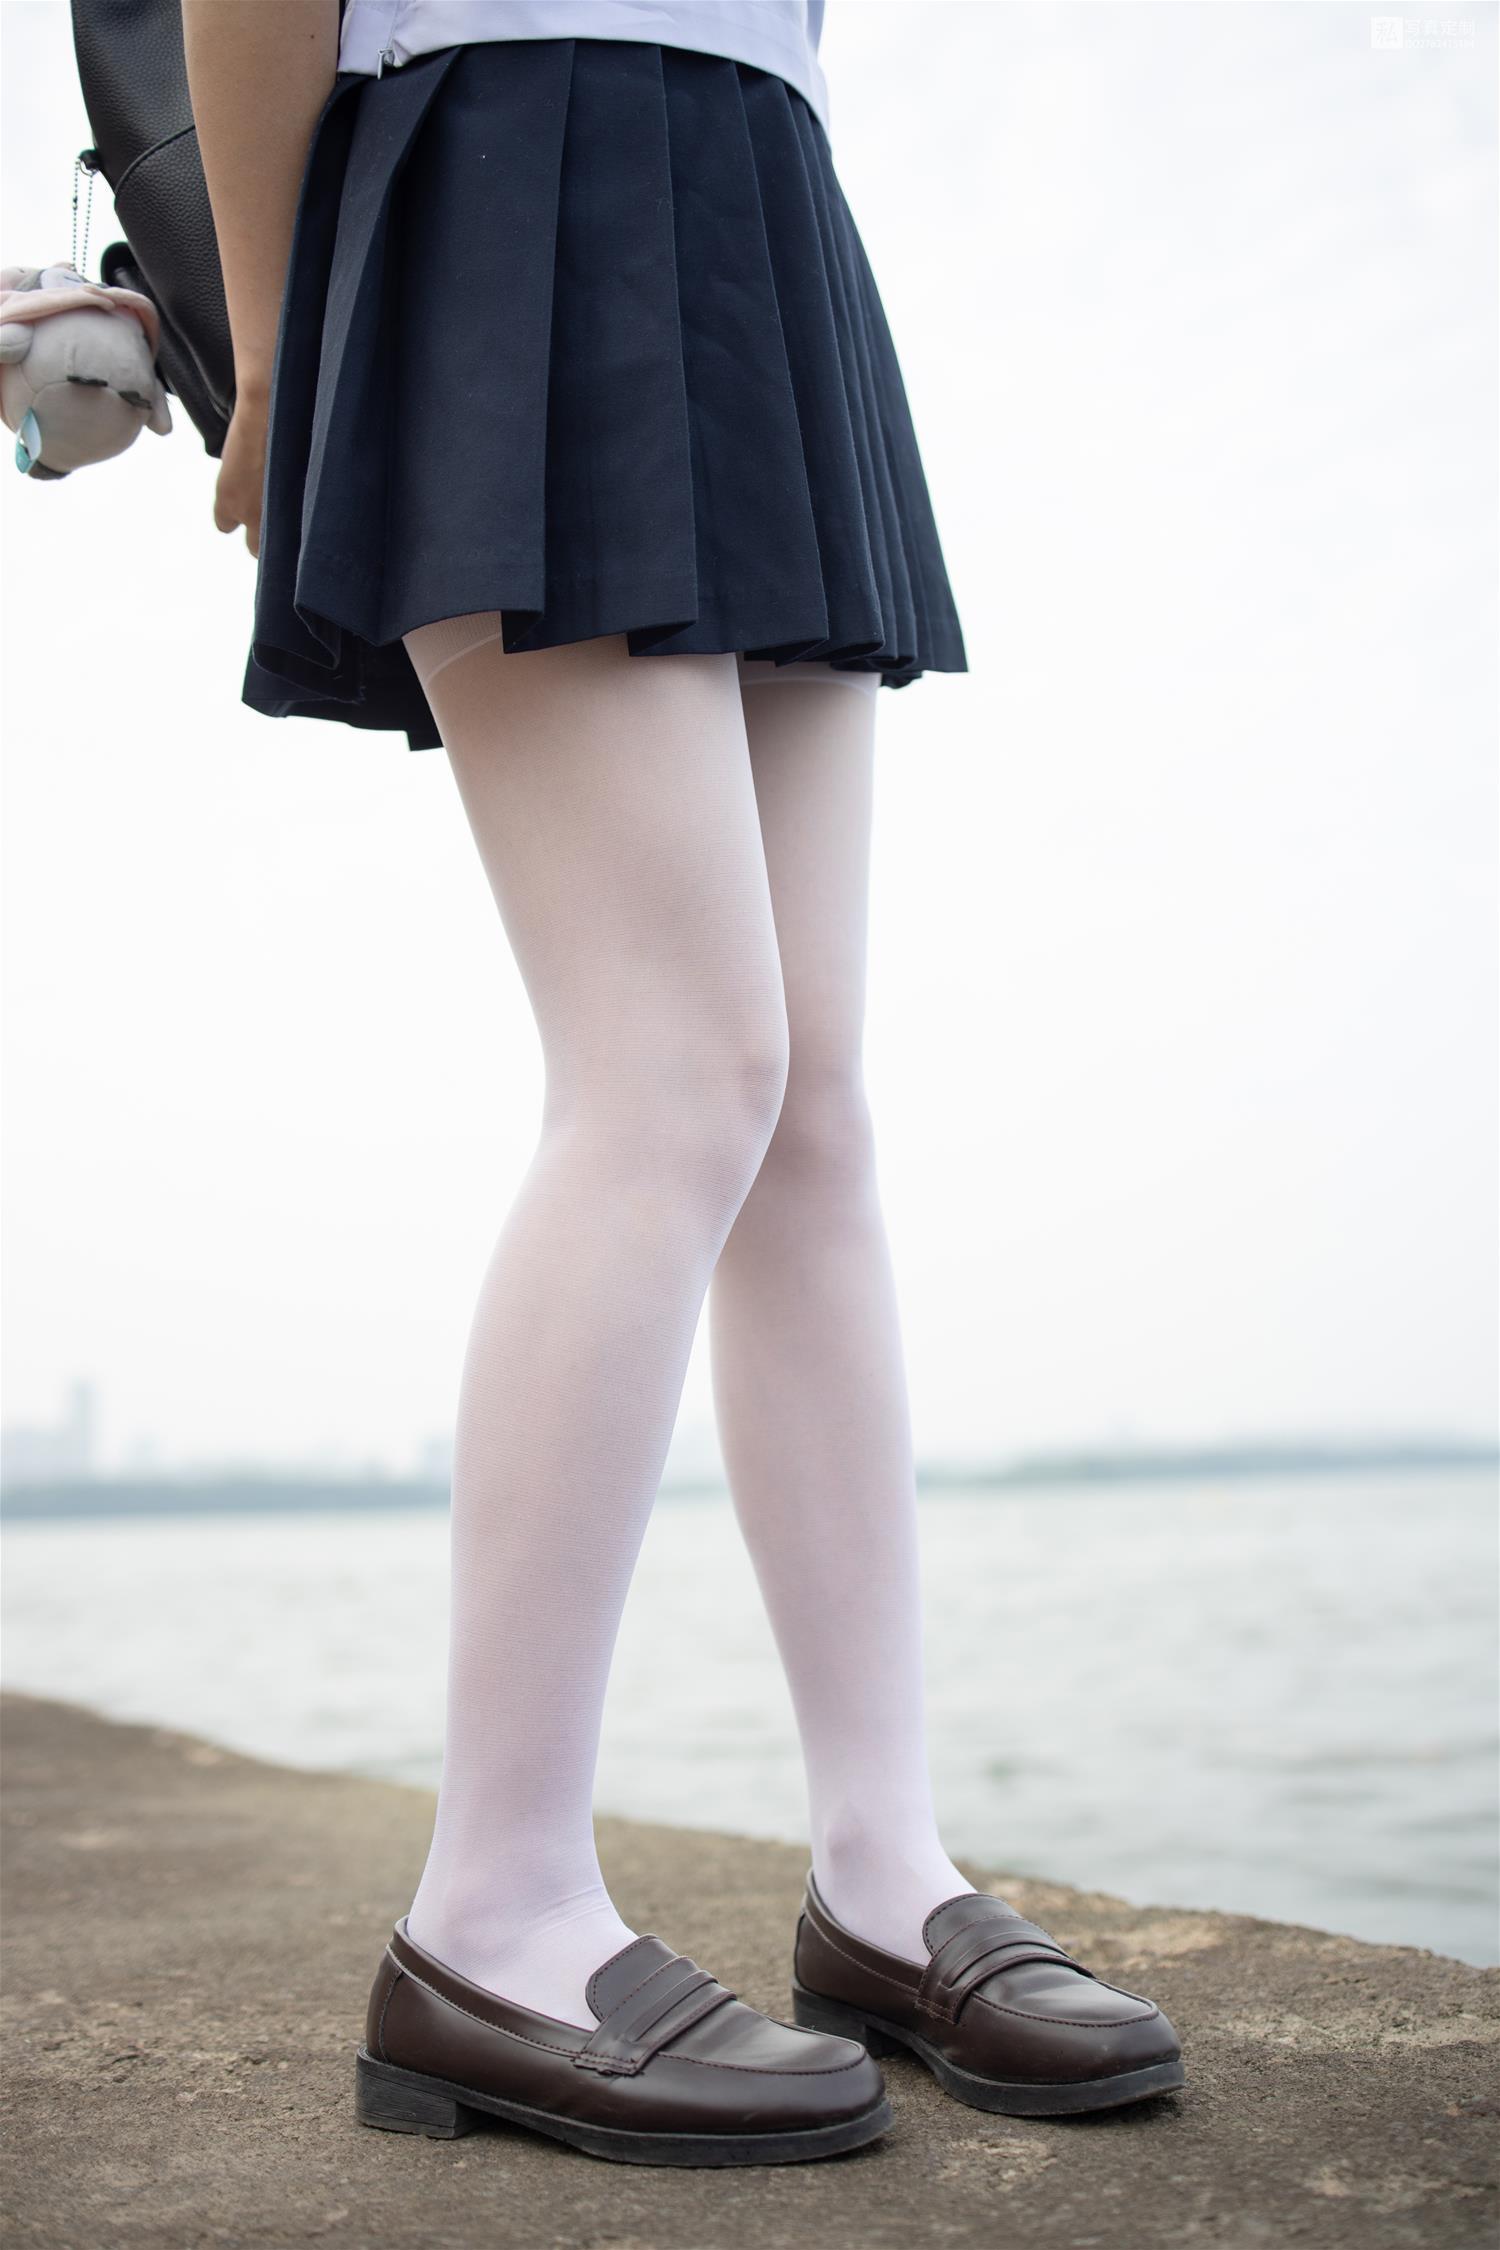 森萝财团 JKFUN-028 默陌 15D白丝 抑郁湖边与绝望天台 [58P1V-1.75GB] 森萝财团-第1张